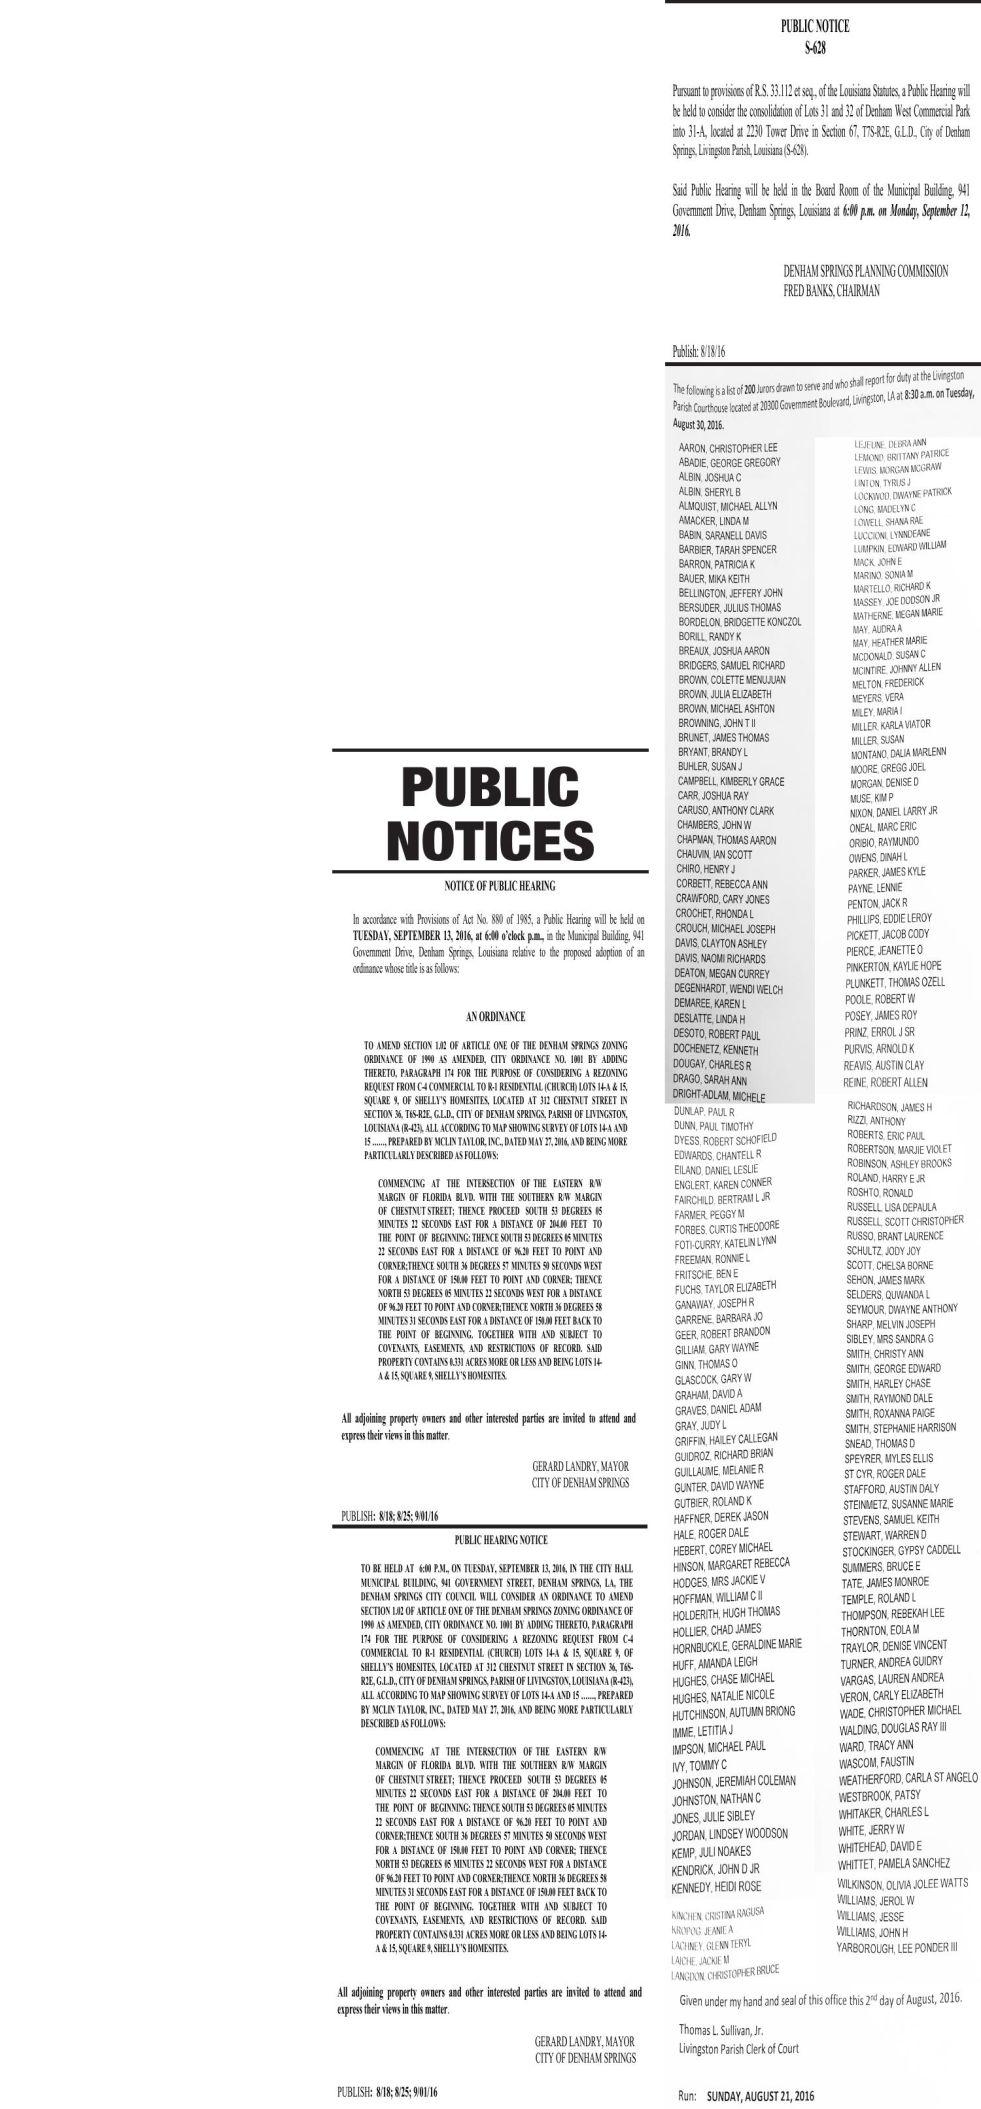 Public Notices published August 21, 2016